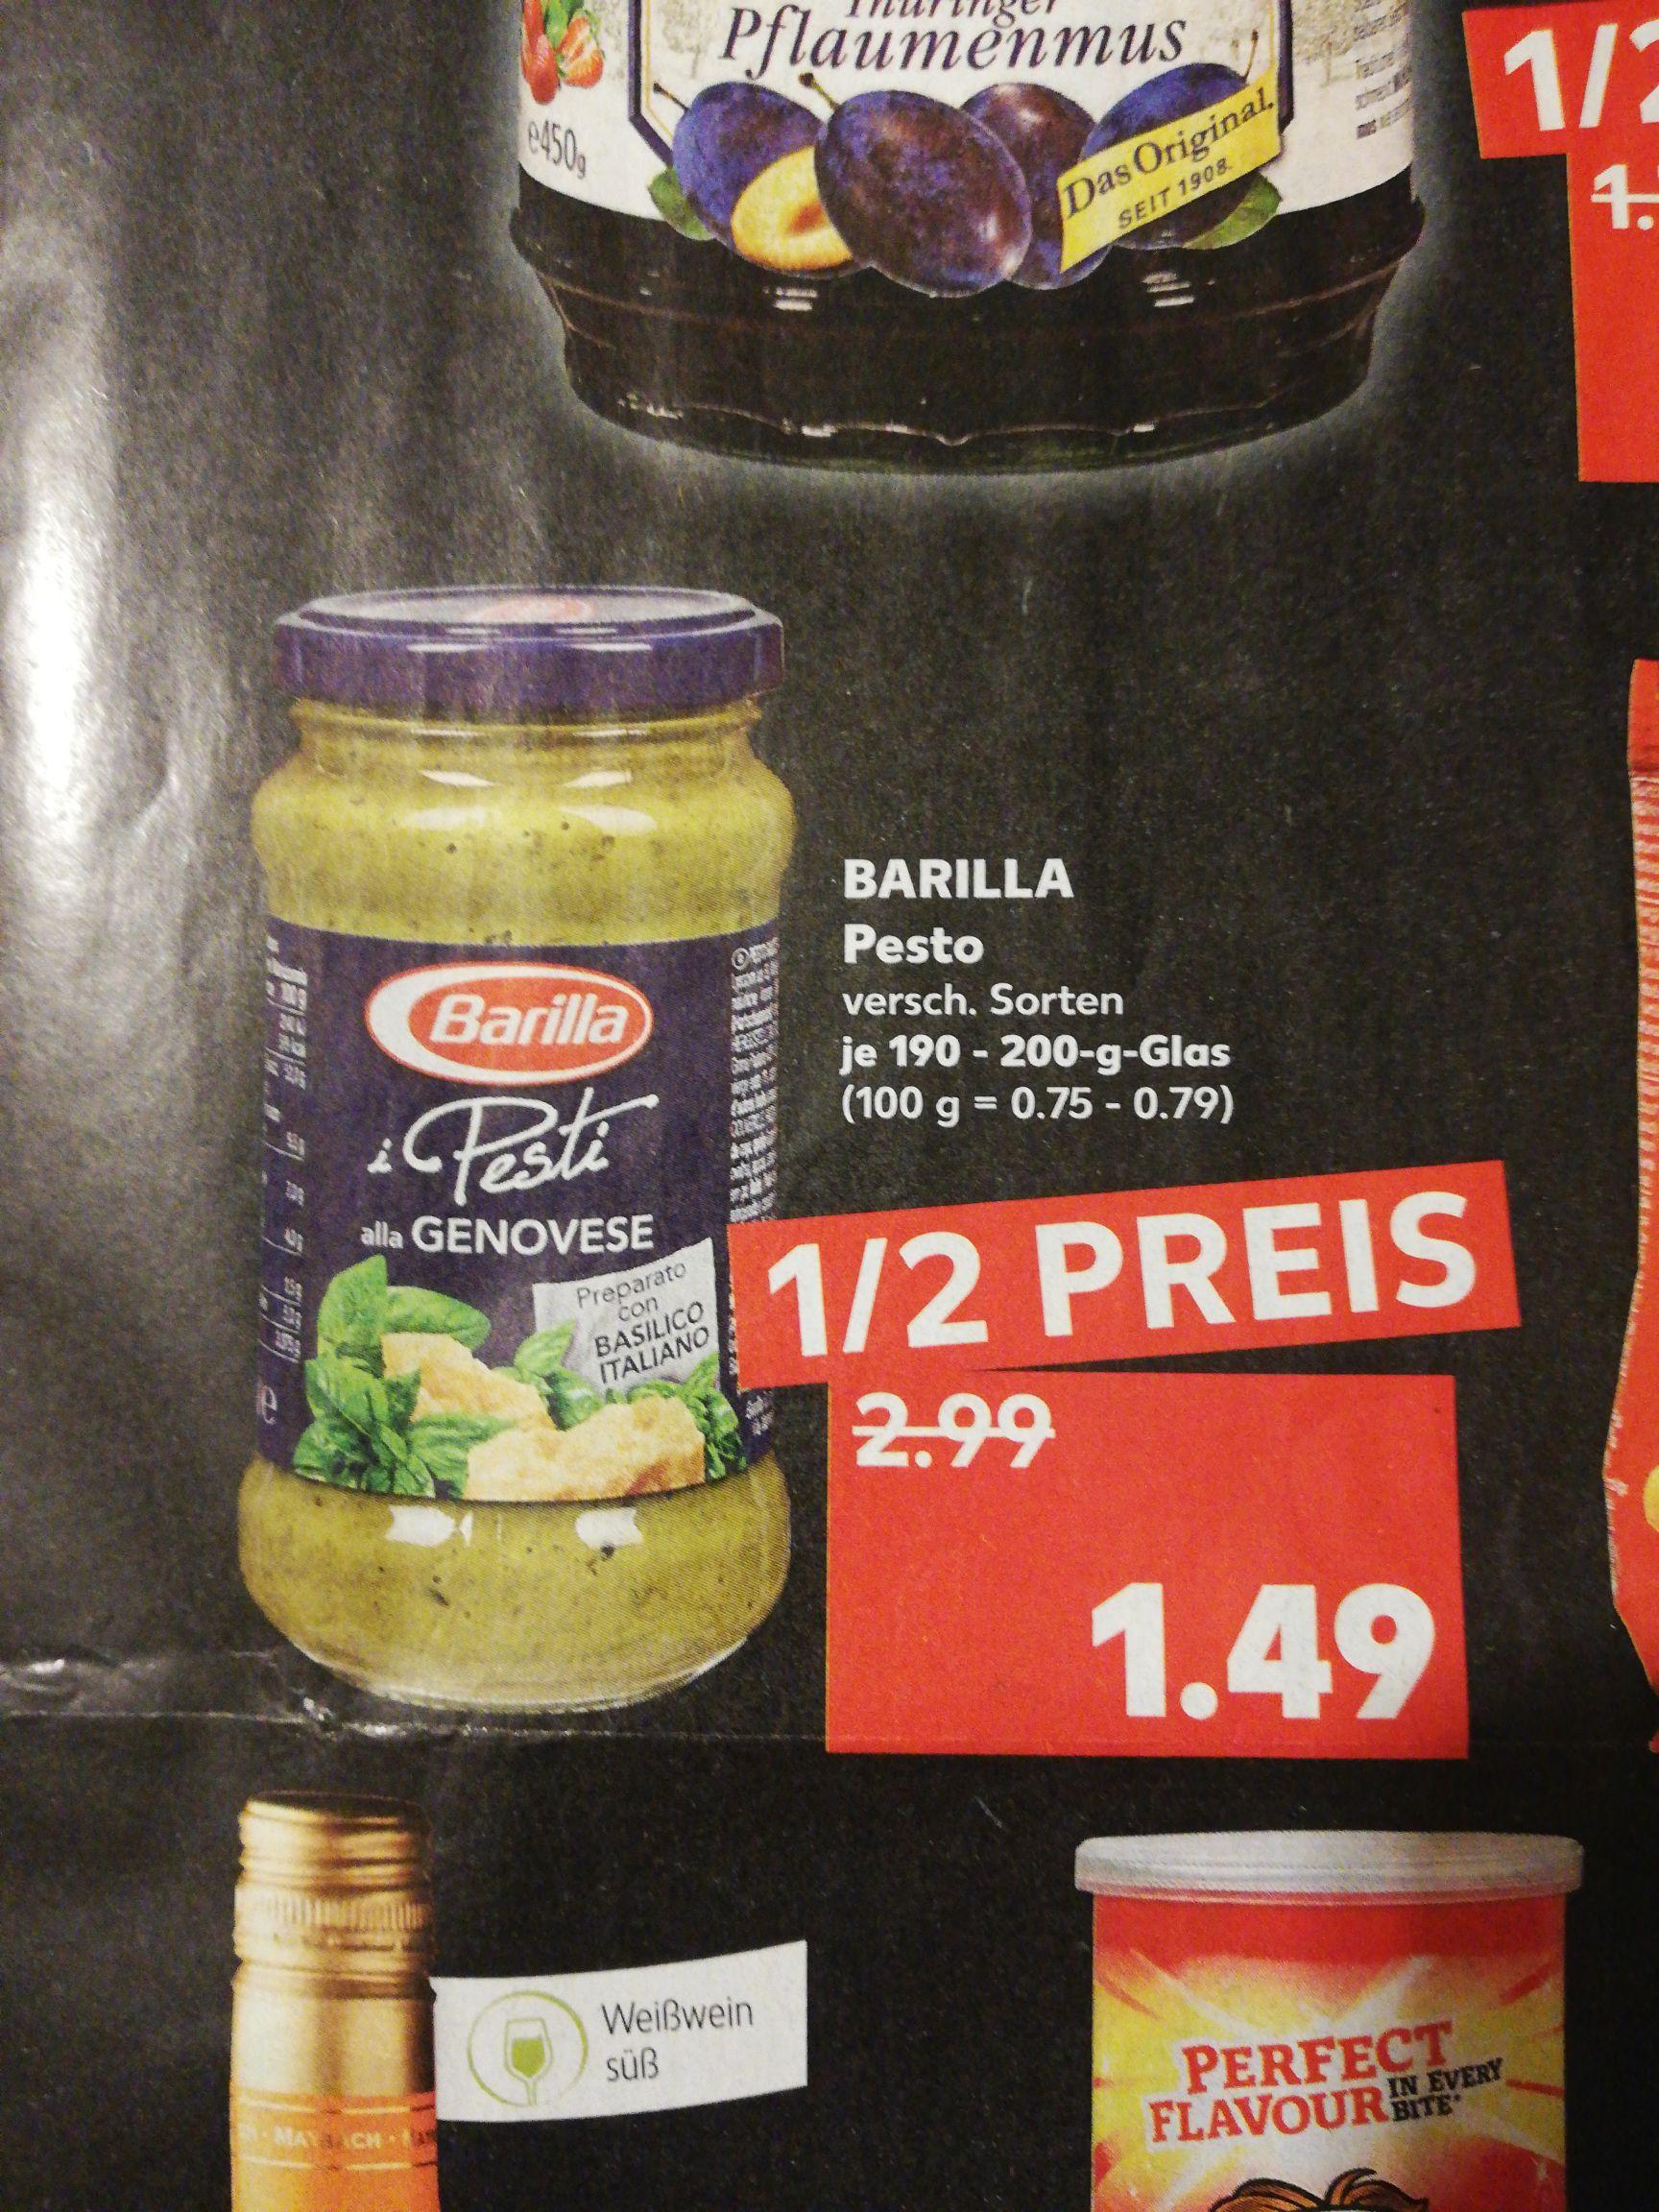 [Kaufland] Barilla Pesto 1,49€ verschied. Sorten vom 29.08 bis 04.09